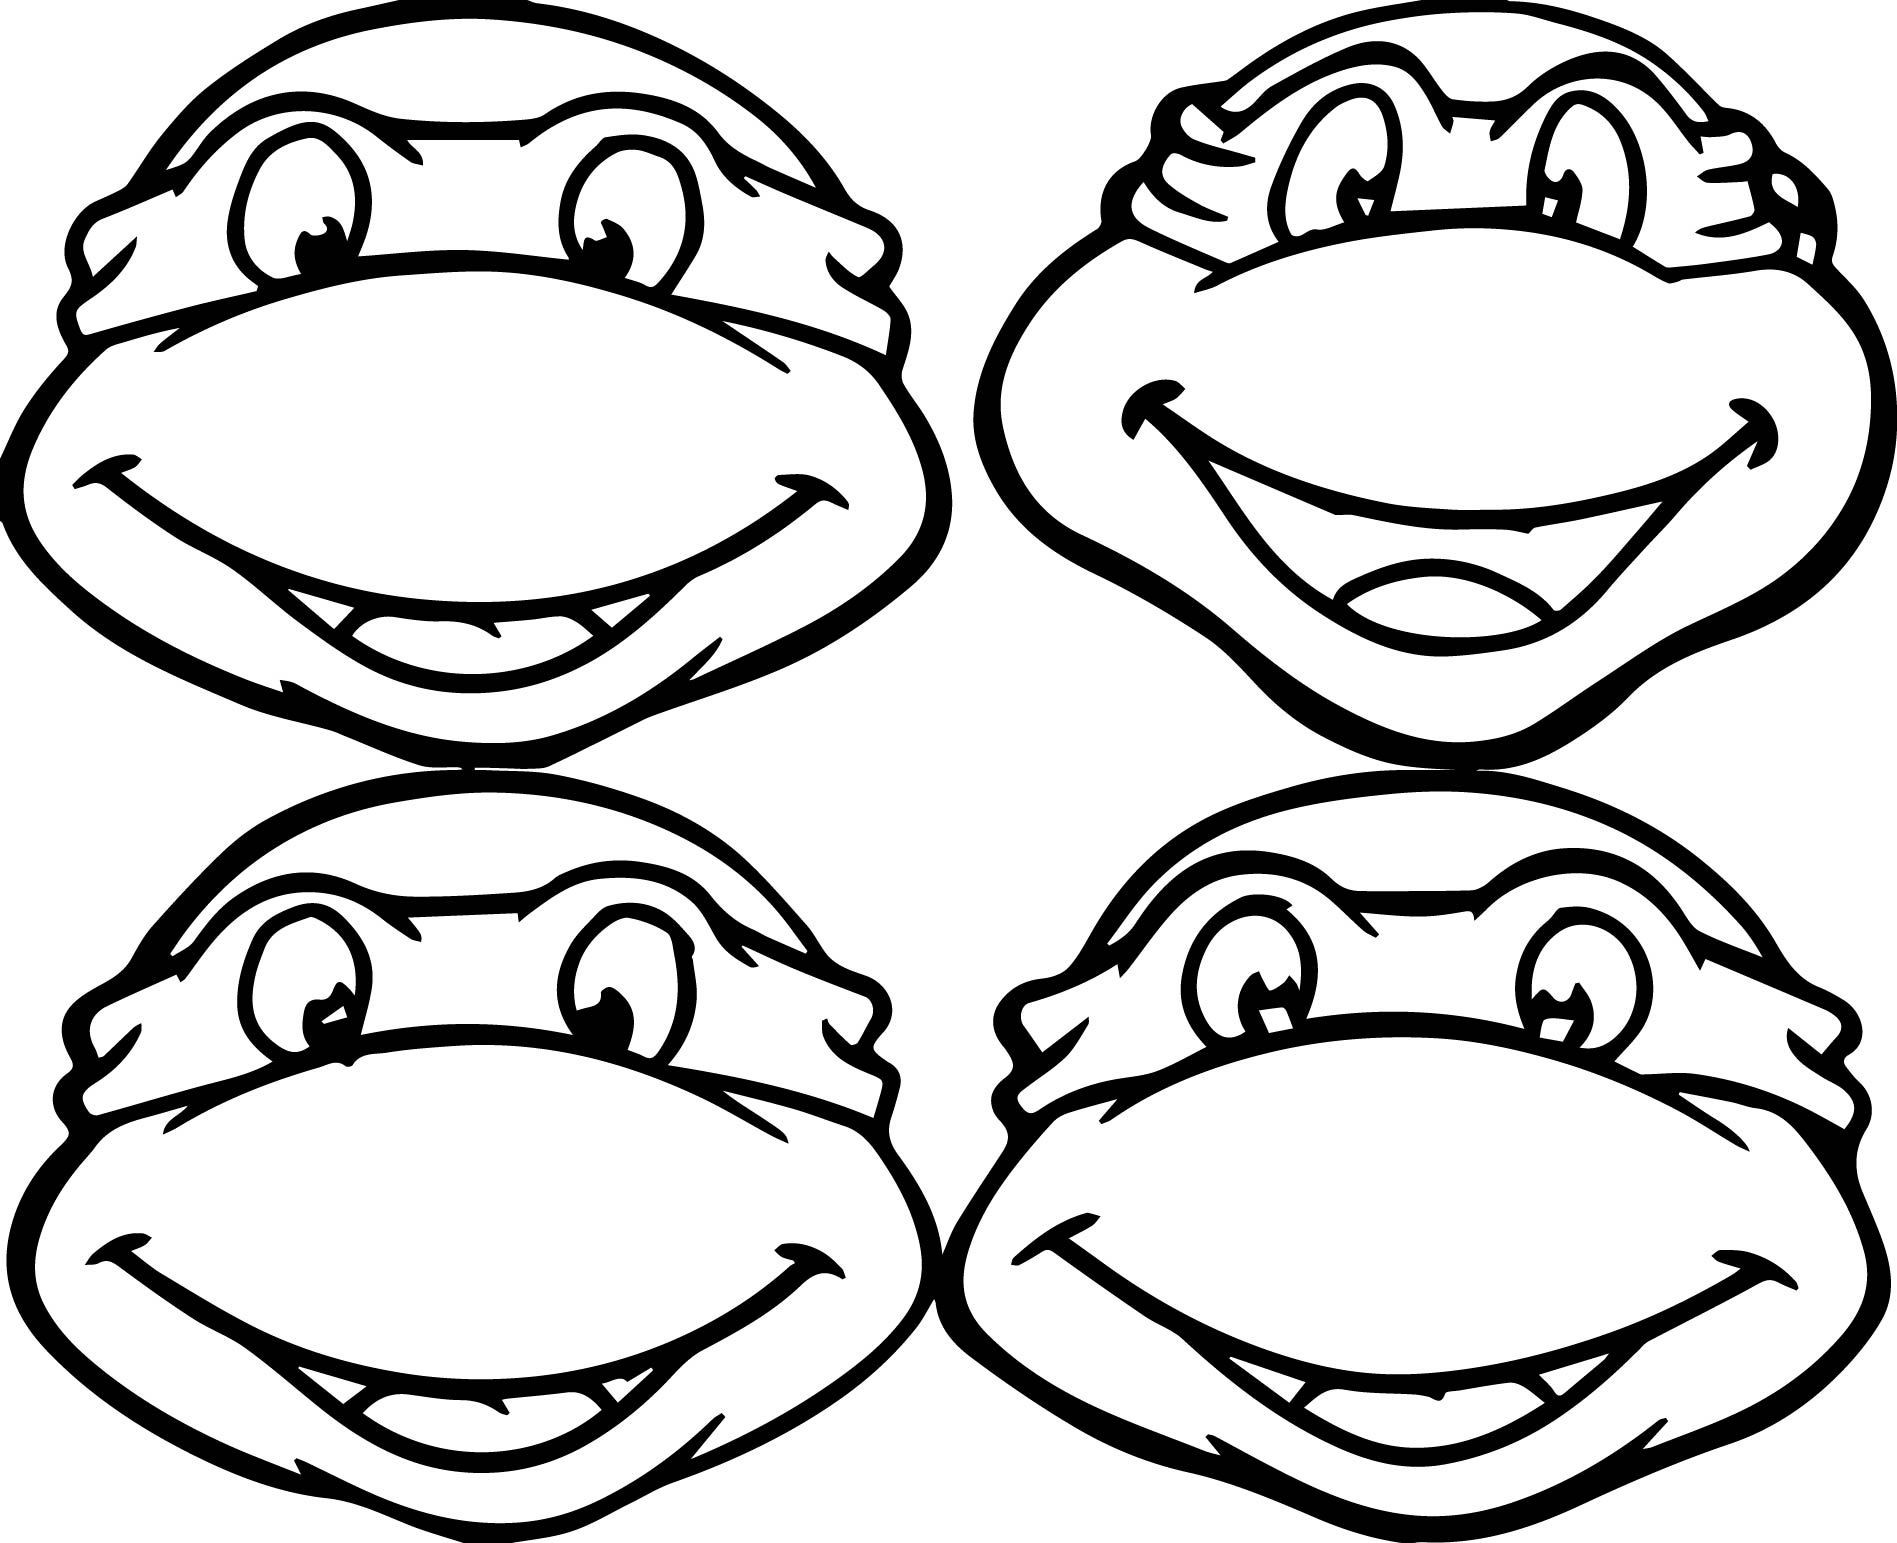 ninja turtles coloring pages printable teenage mutant ninja turtles coloring pages best ninja pages printable coloring turtles